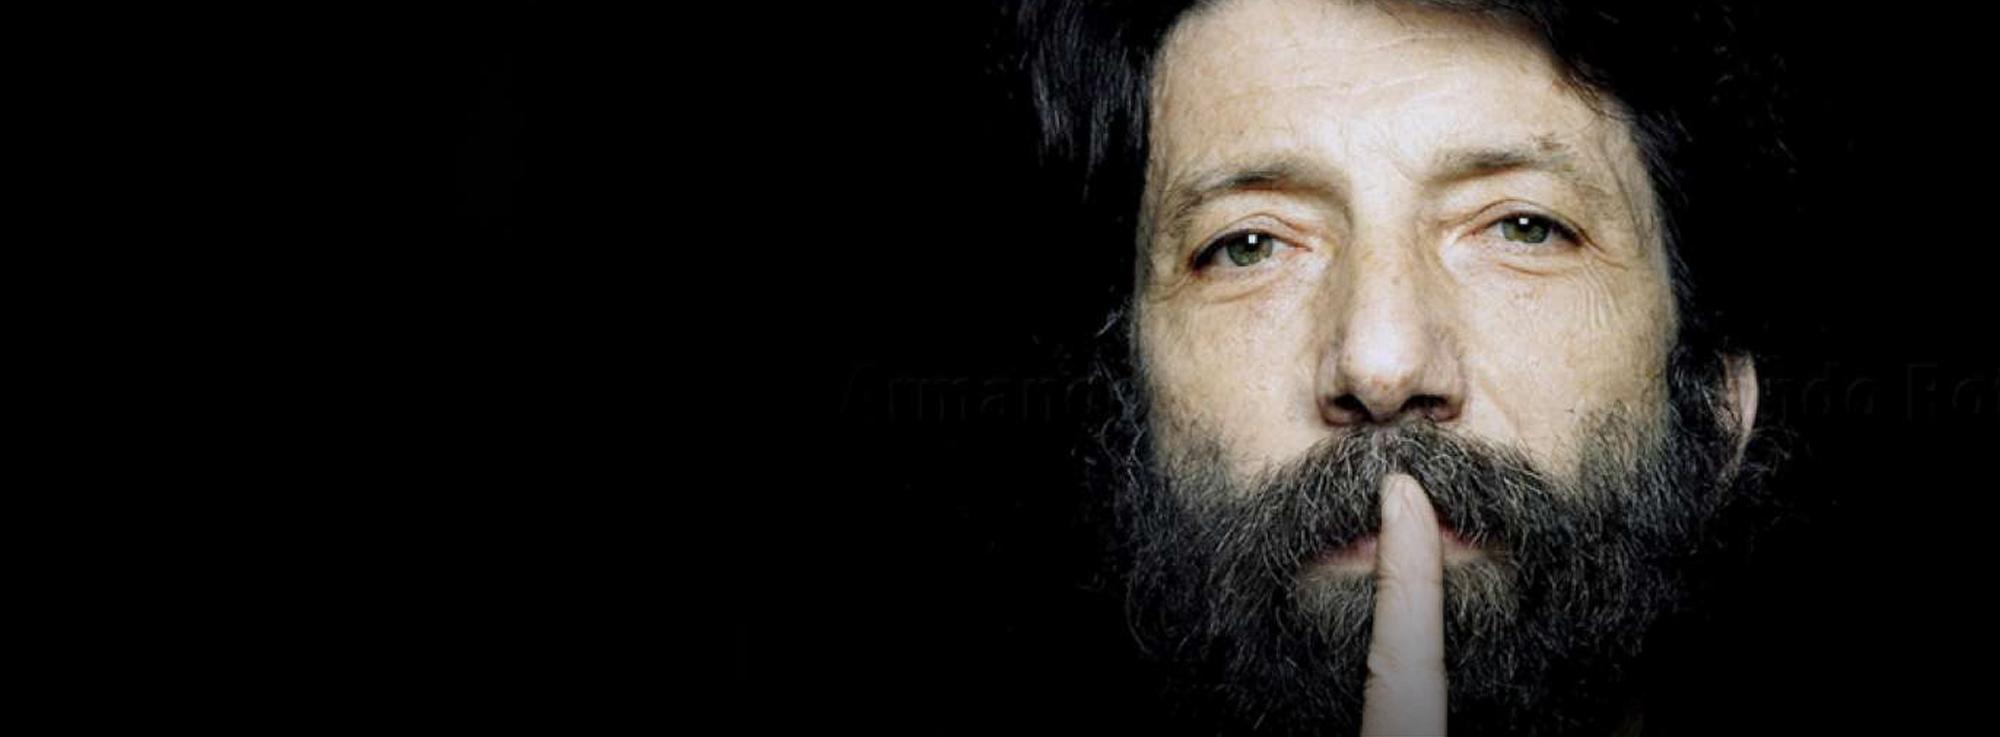 Foggia: Massimo Cacciari - Festival Questioni Meridionali